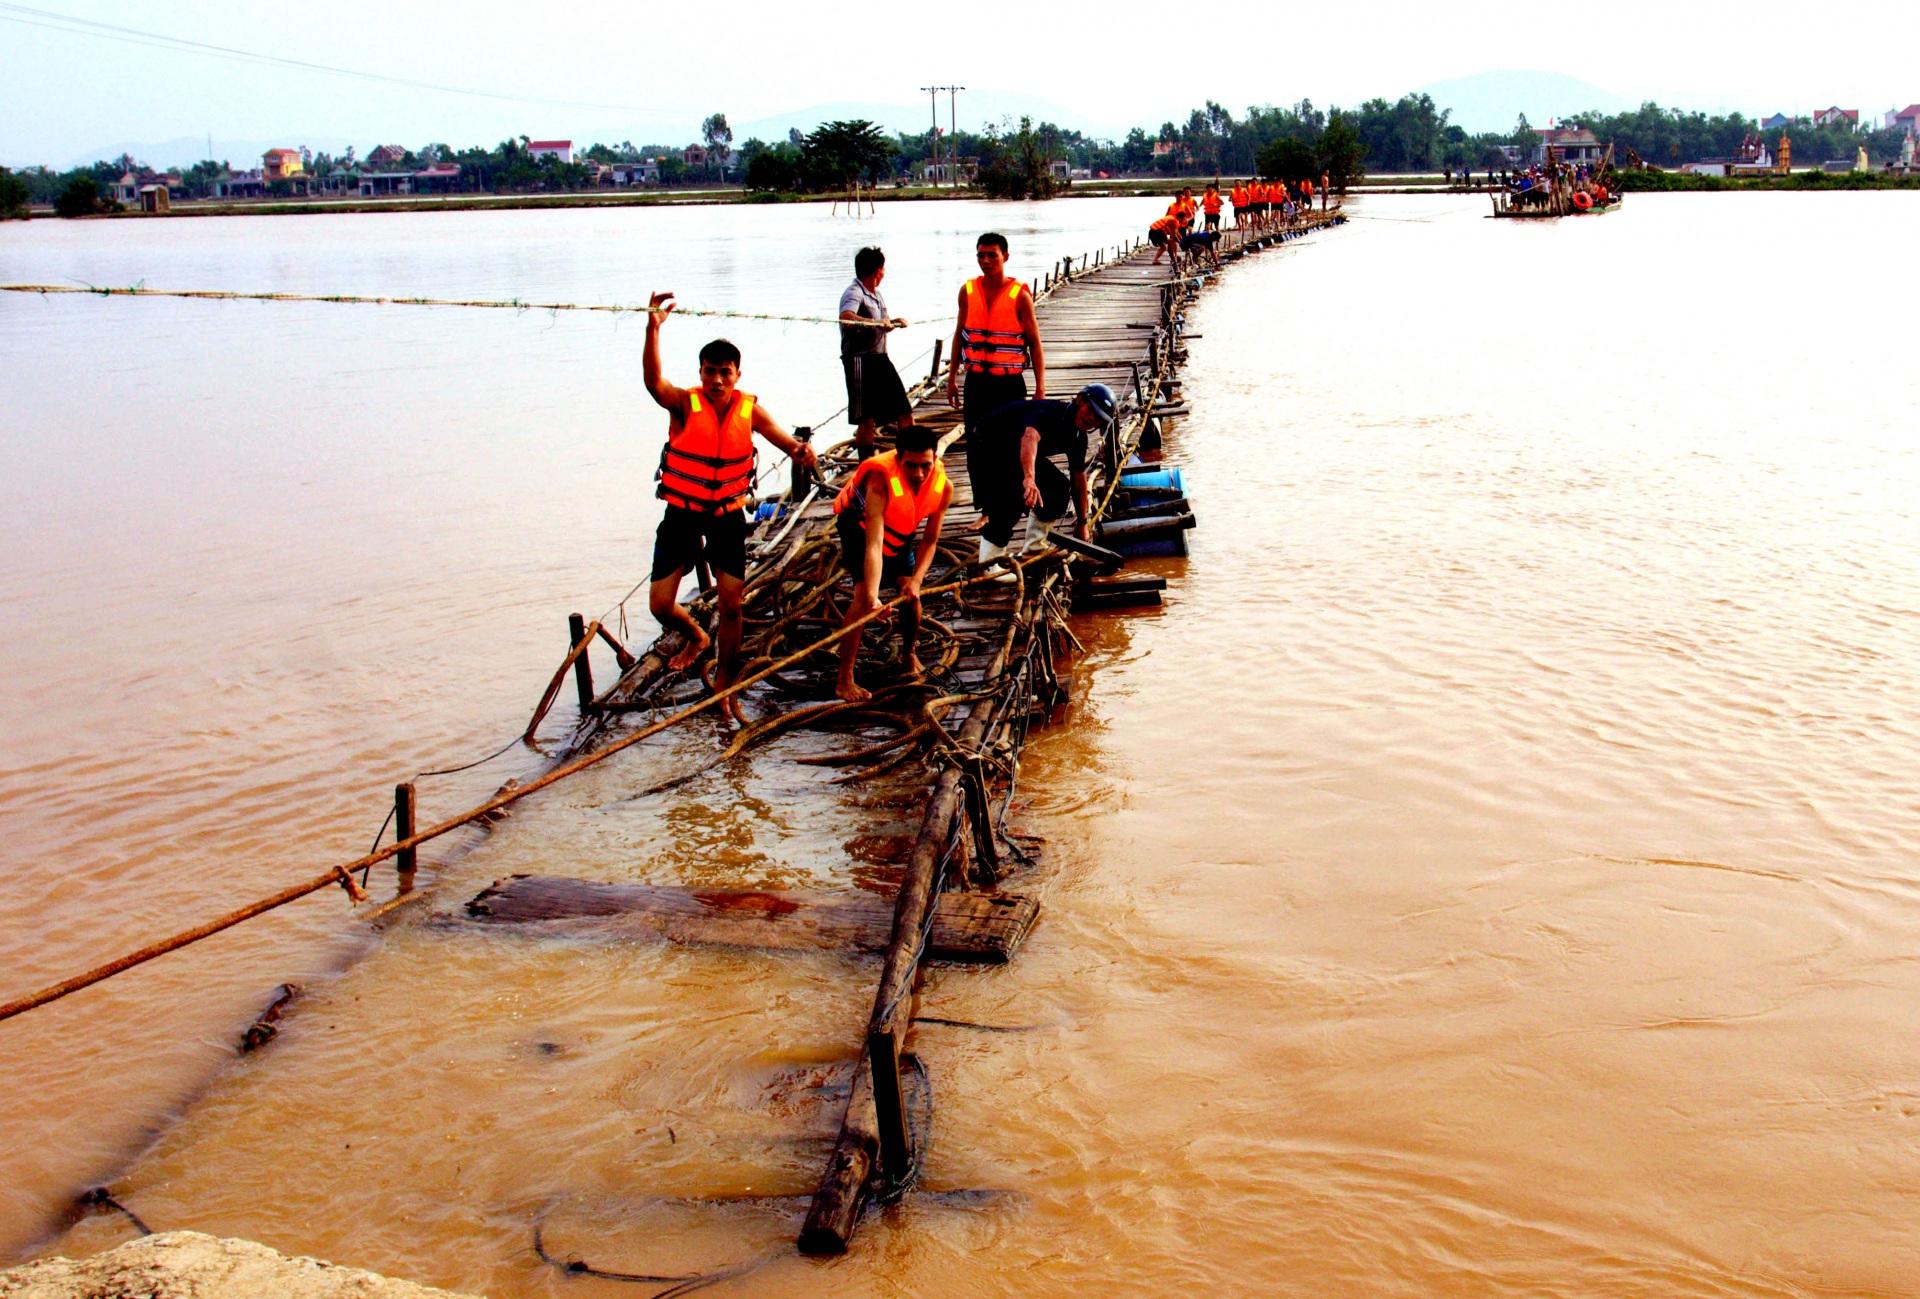 Lũ lụt miền Trung: Cần lắm những giải pháp khắc chế